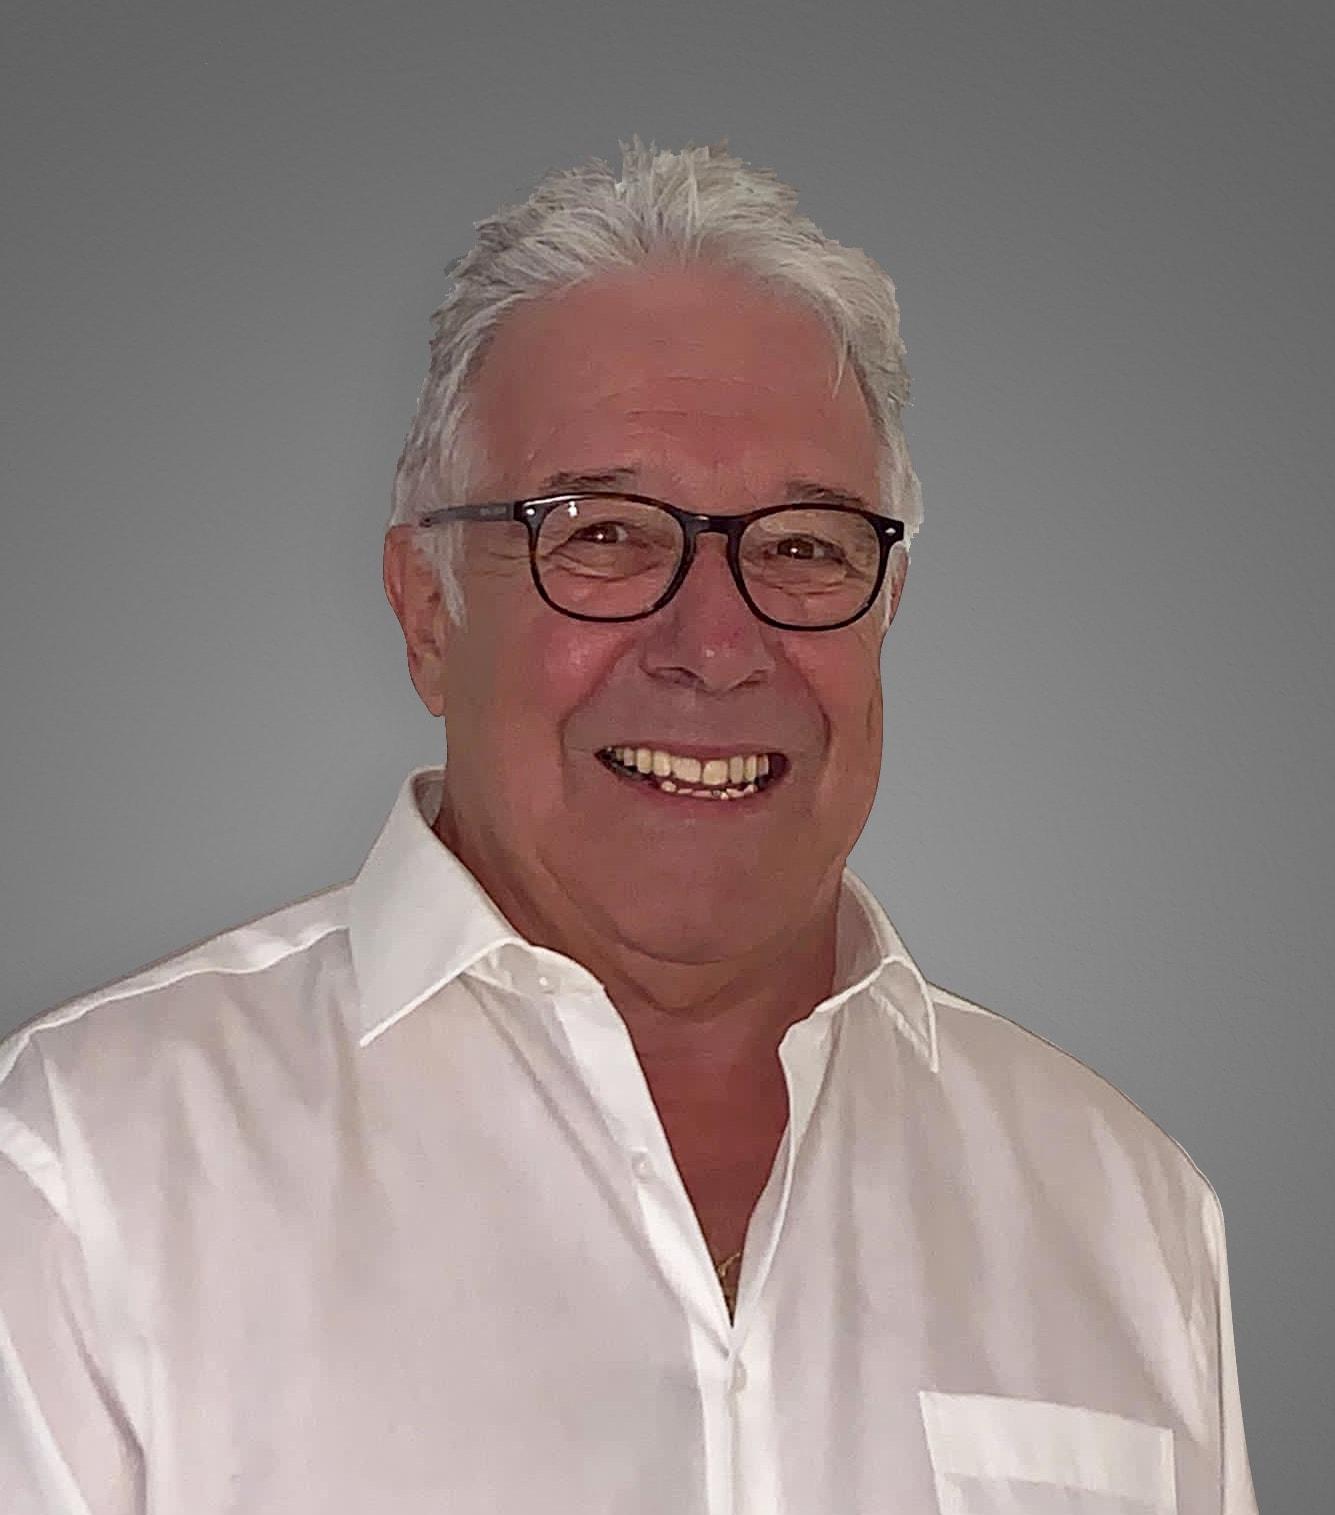 André Lauper